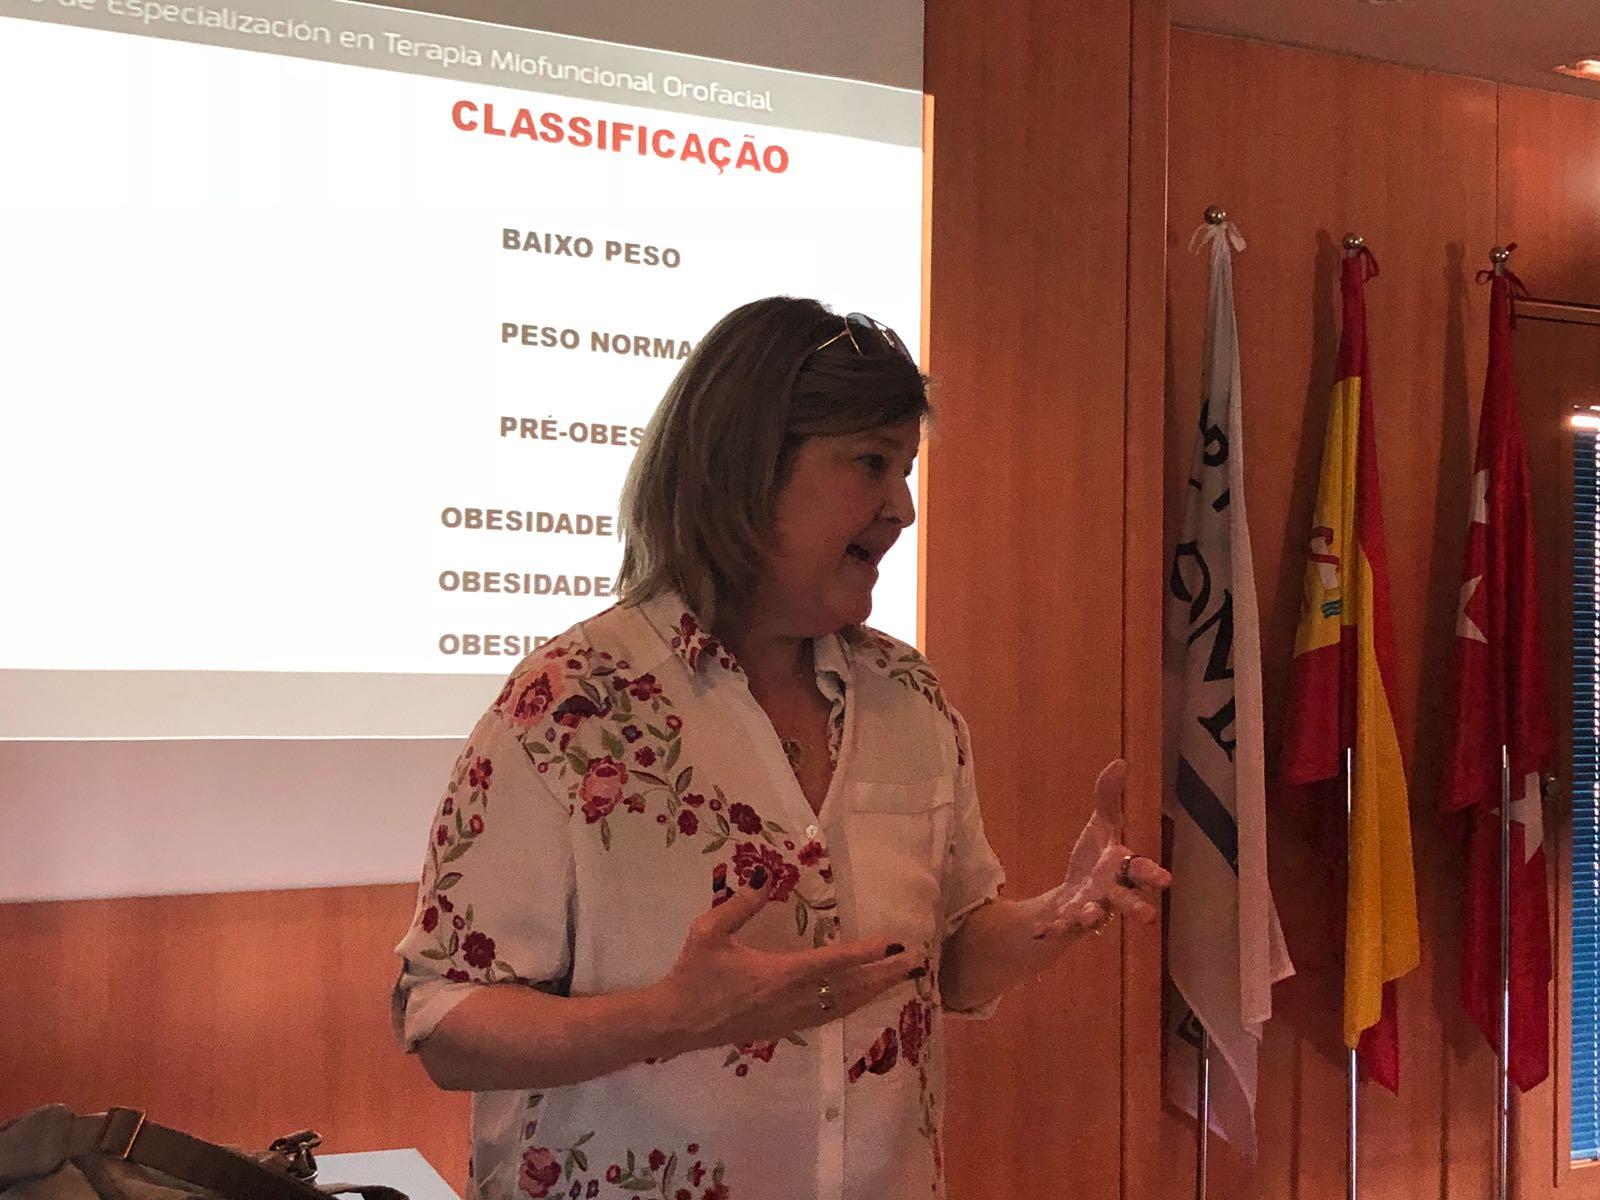 Fonoaudióloga da equipe GCBV esteve na Espanha compartilhando seu conhecimento e experiência